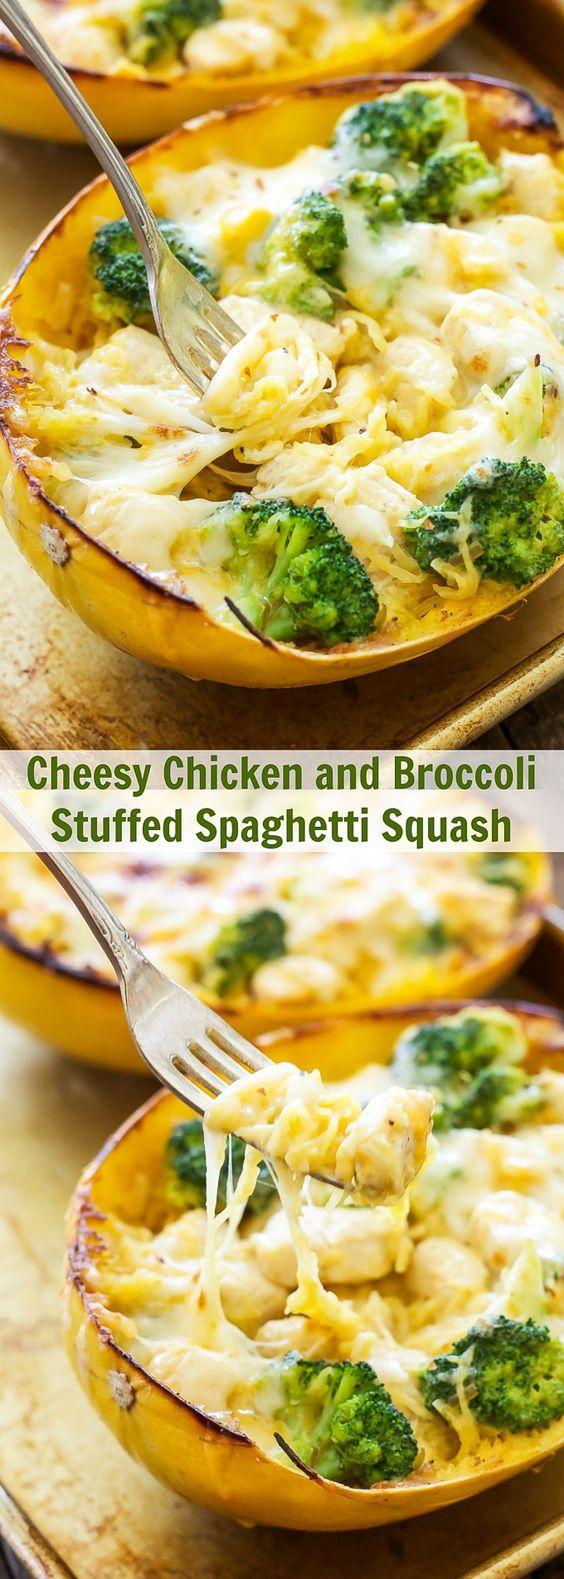 Spaghetti squash stuffed with a creamy, cheesy, chicken and broccoli ...